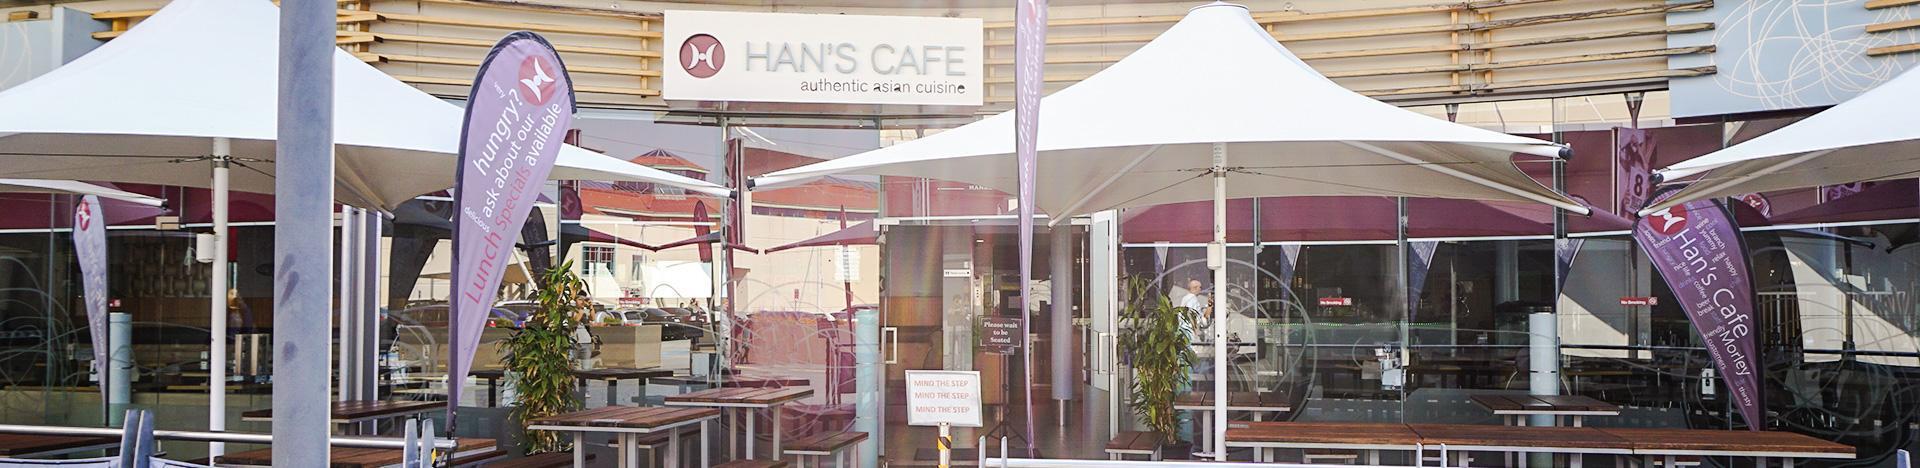 Hans Cafe Morley Takeaway Menu